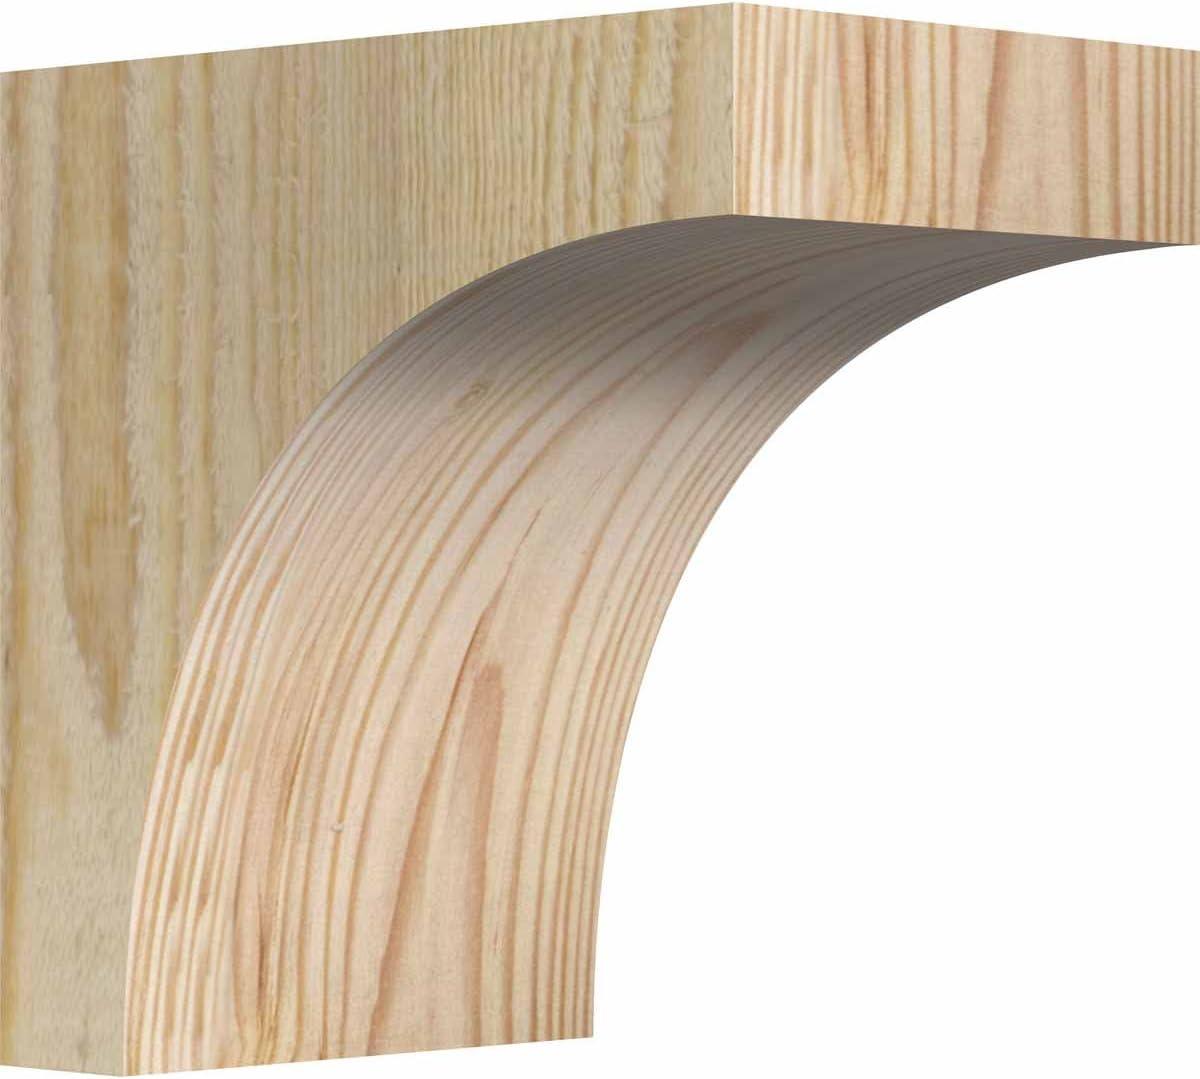 6 W Western Red Cedar Ekena Millwork COR06X06X06HUN00RWR Huntington Rough Sawn Corbel 6D x 6H